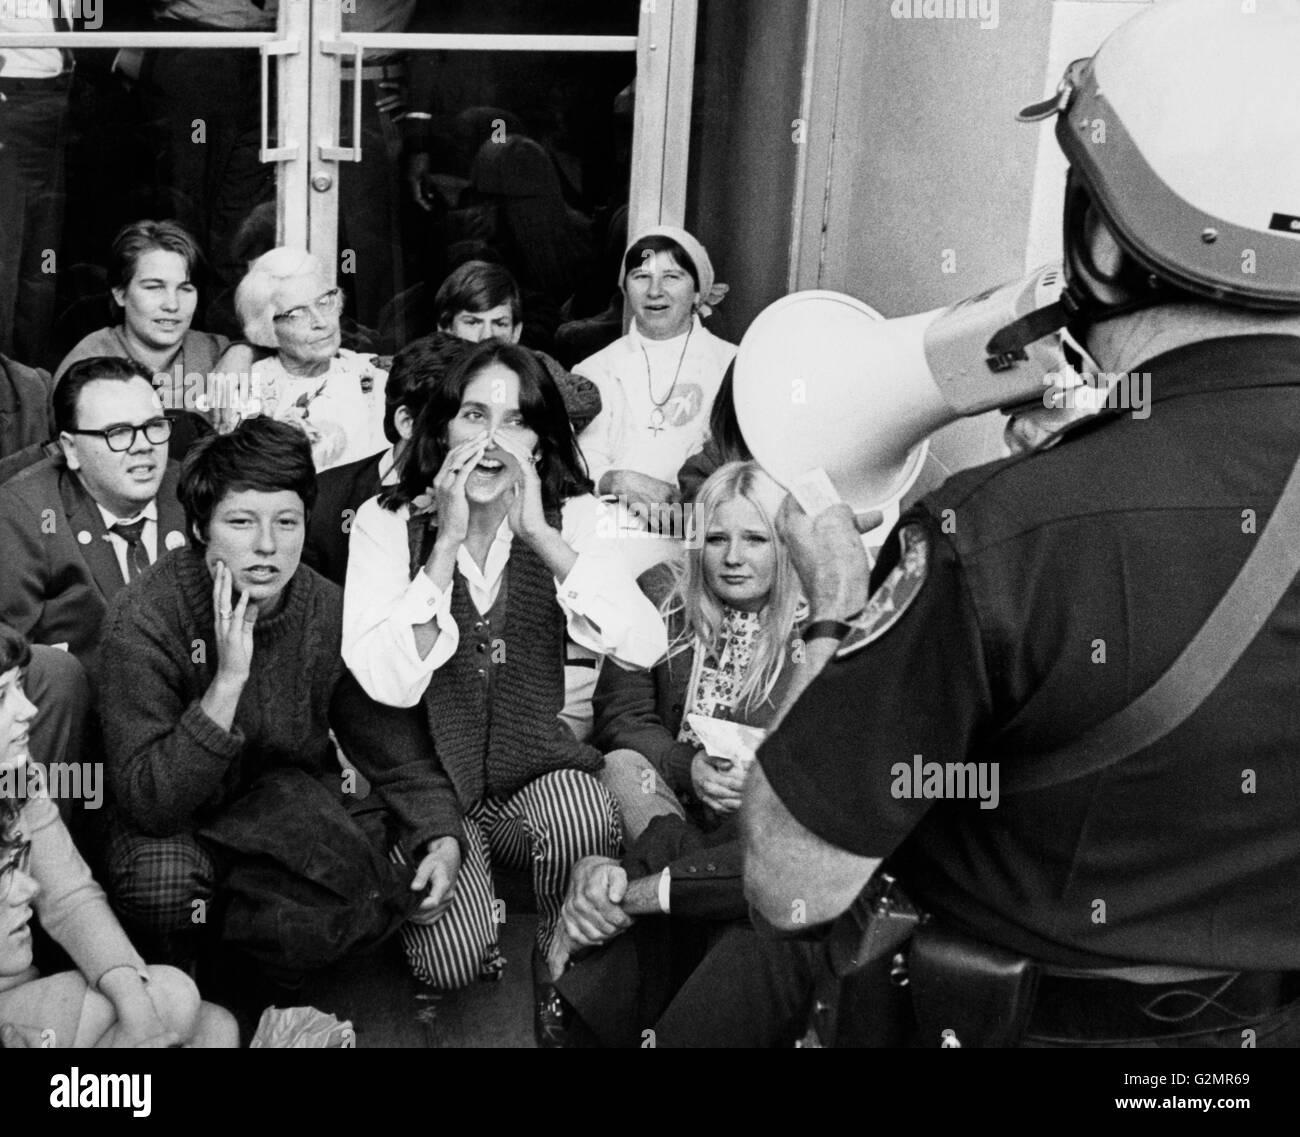 Oakland,singer Joan Baez lors d'une manifestation anti-guerre, 1967 Photo Stock